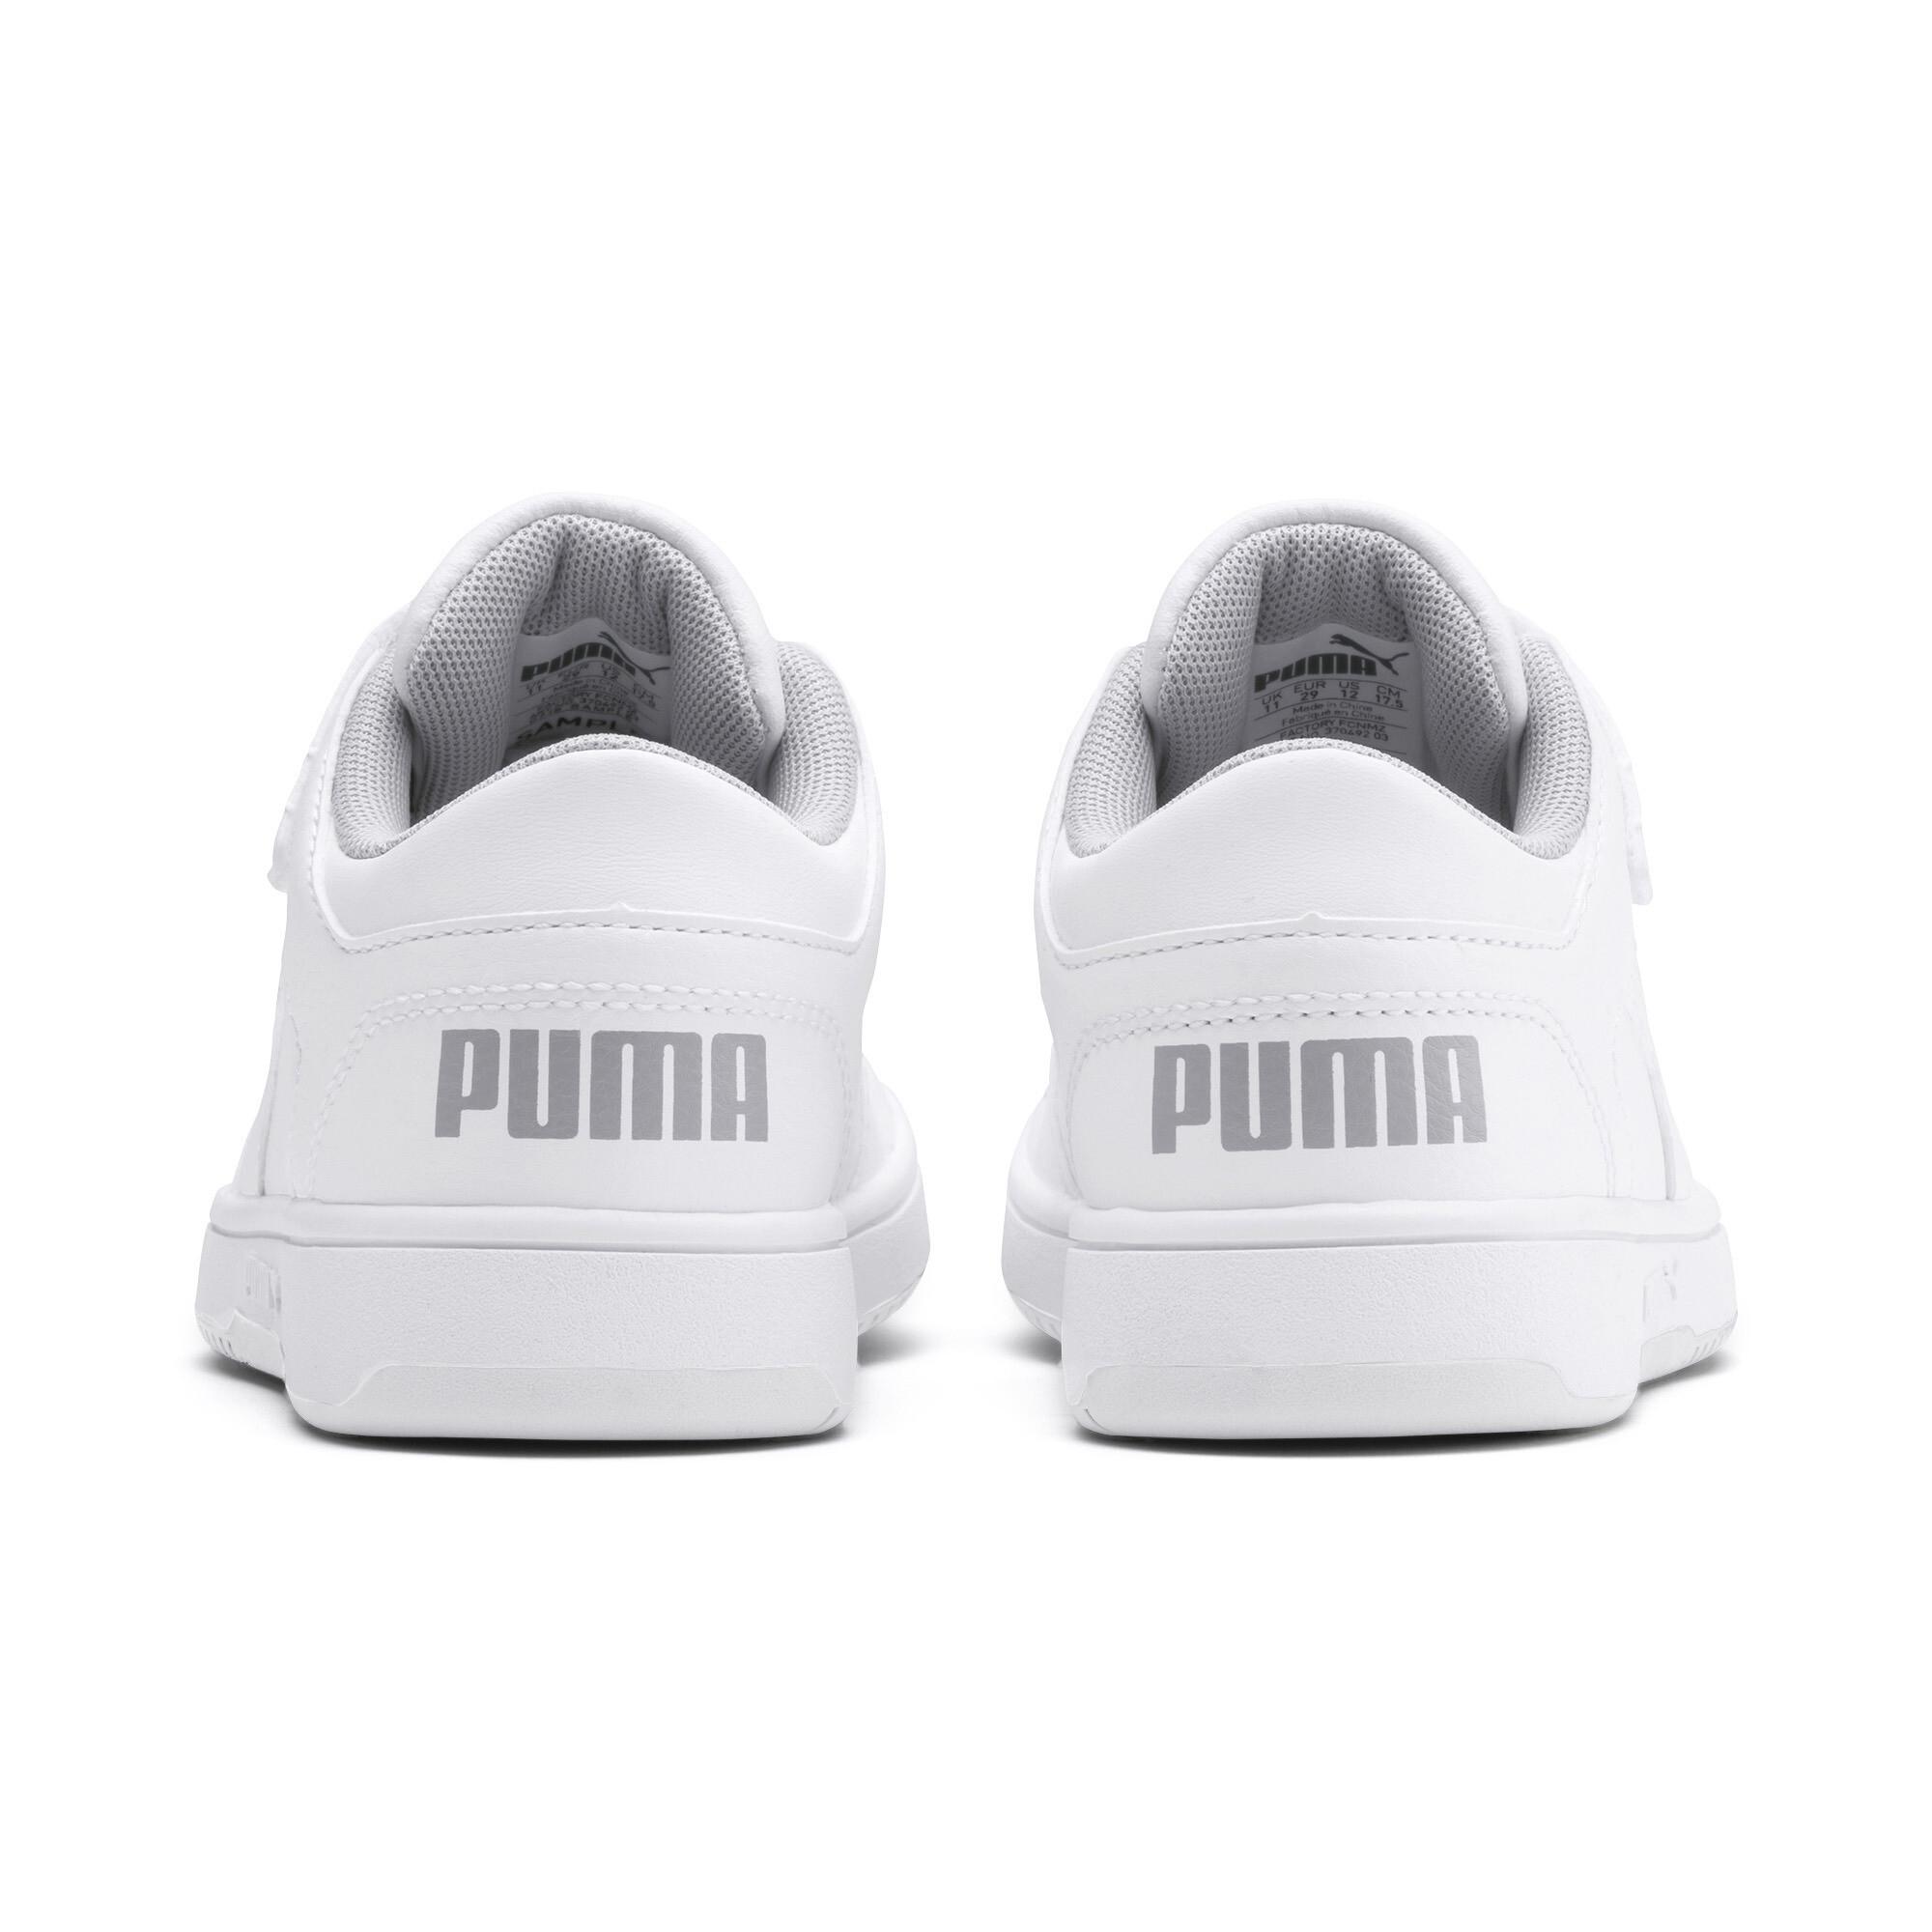 PUMA-PUMA-Rebound-LayUp-Lo-Little-Kids-039-Shoes-Boys-Shoe-Kids thumbnail 15